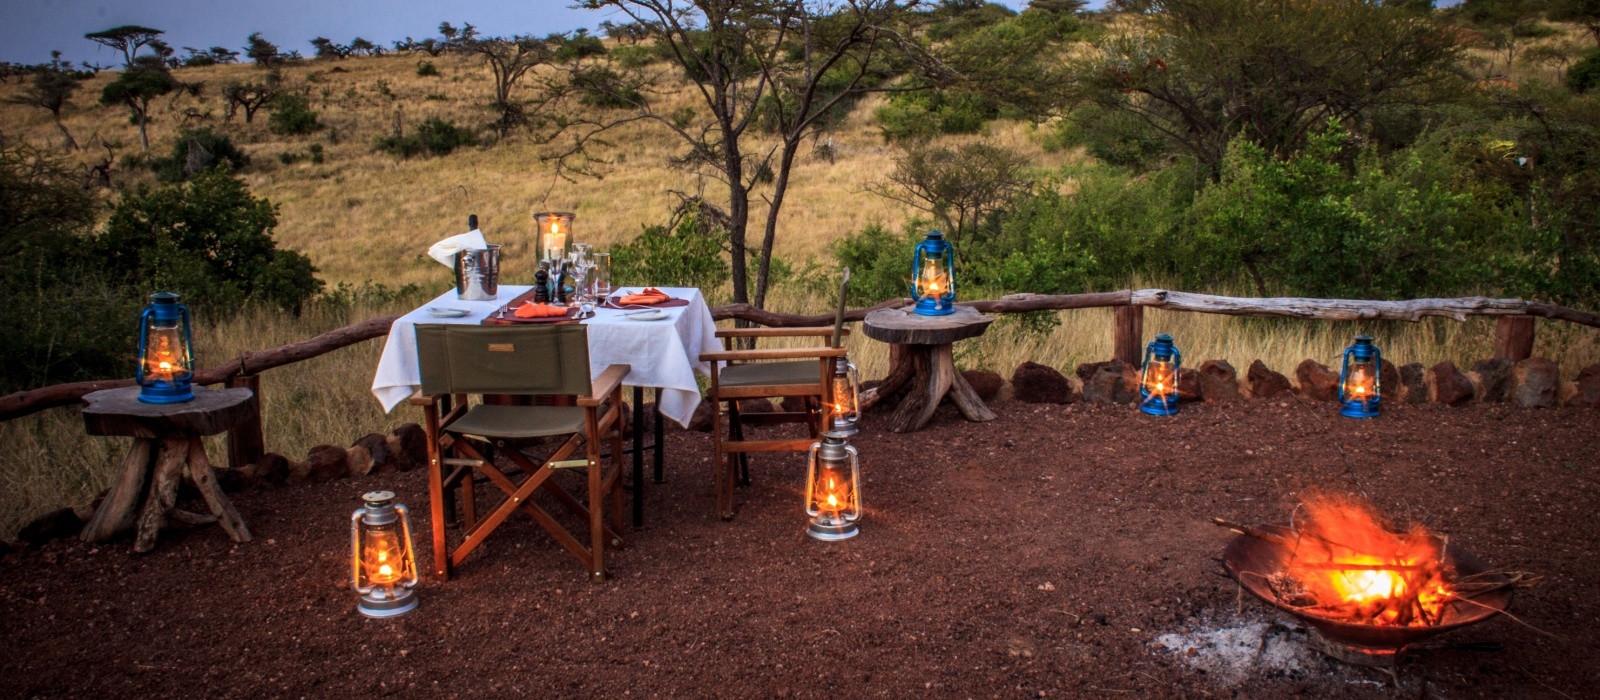 Hoch über Kenia Urlaub 1